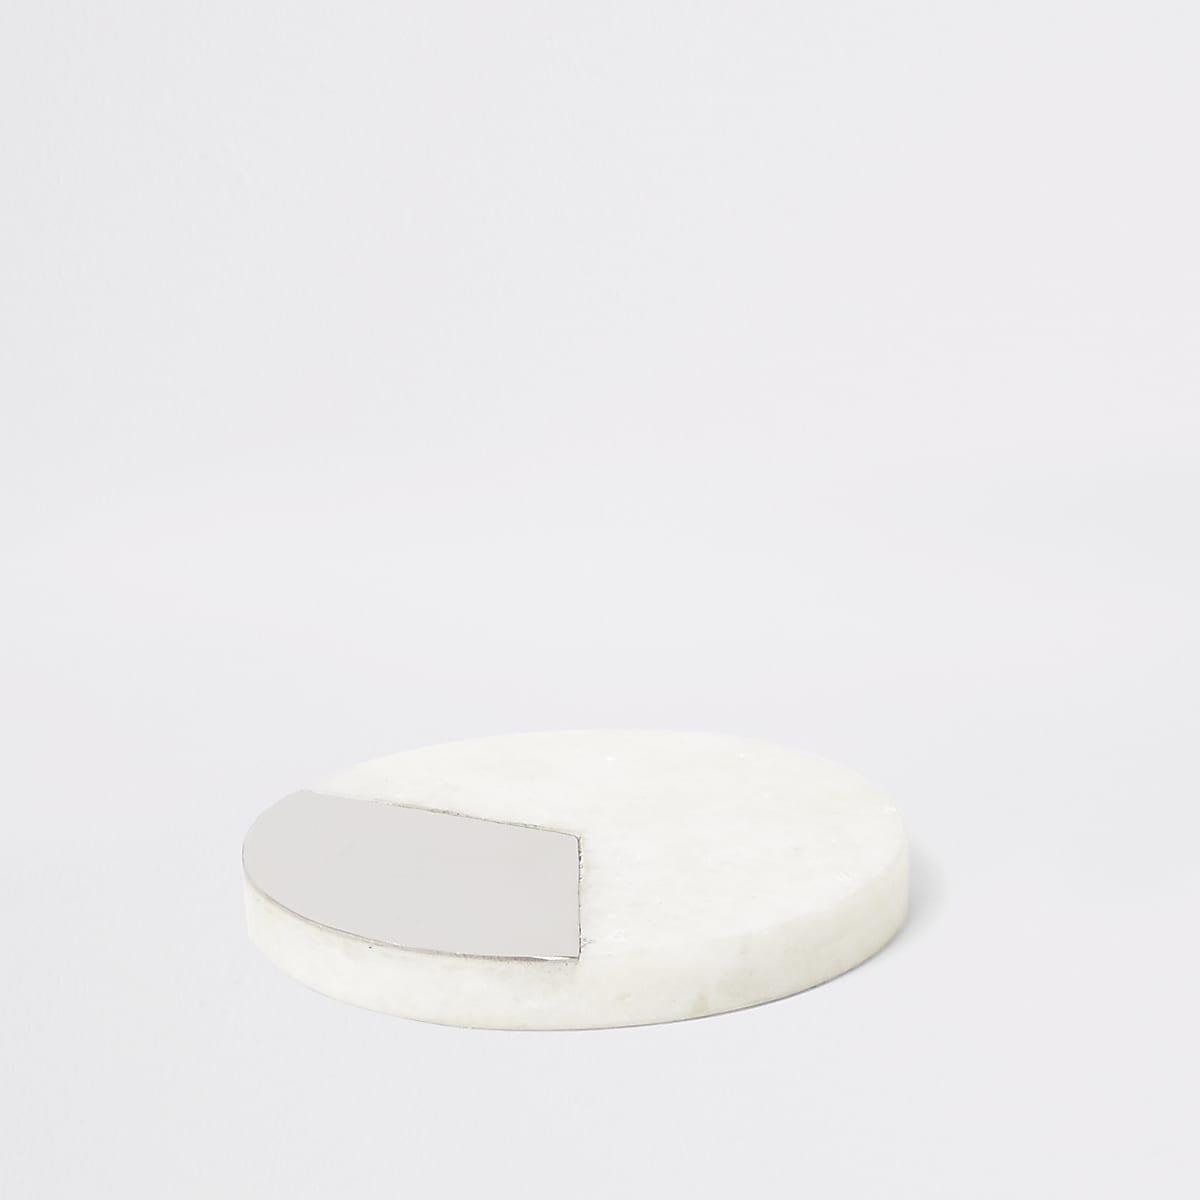 Zilverkleurige ronde onderzetter met marmer